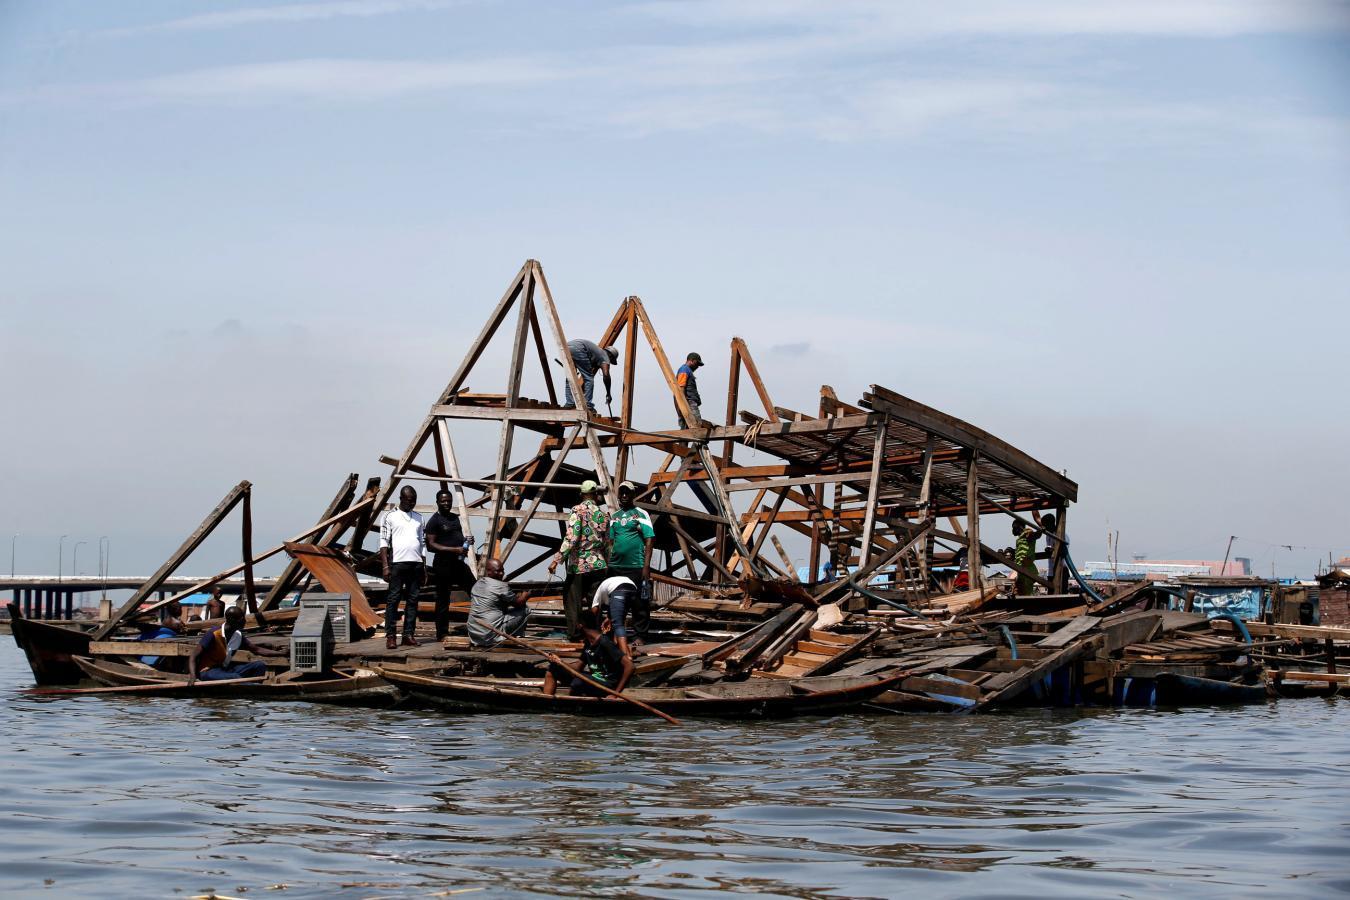 En juin 2016 l'école flottante s'est effondrée © reutersmedia